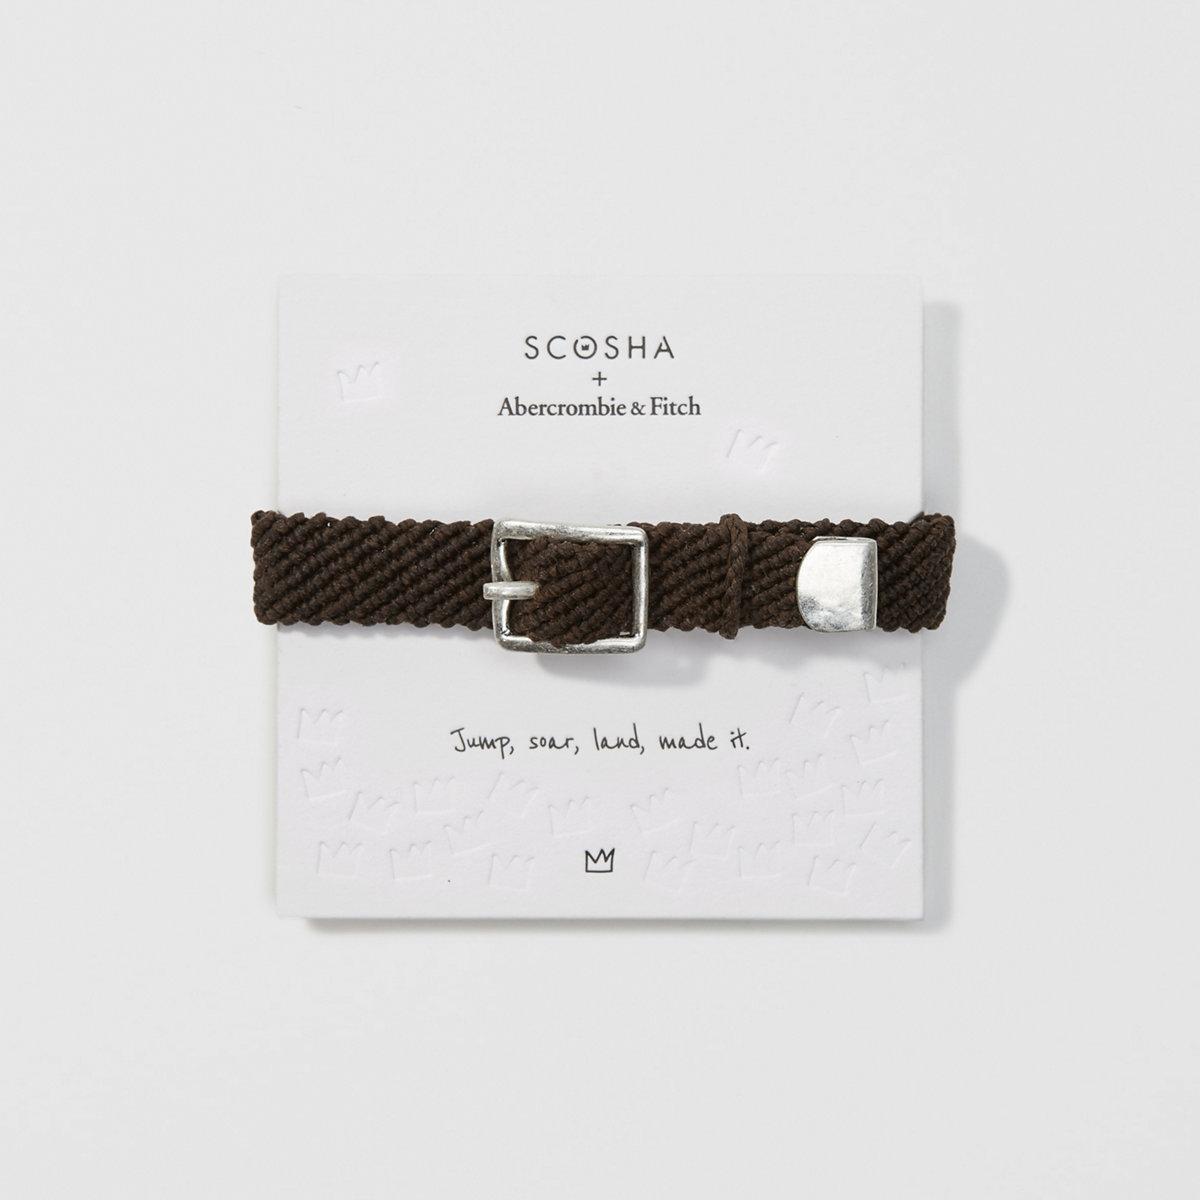 Scosha Macrame Bracelet